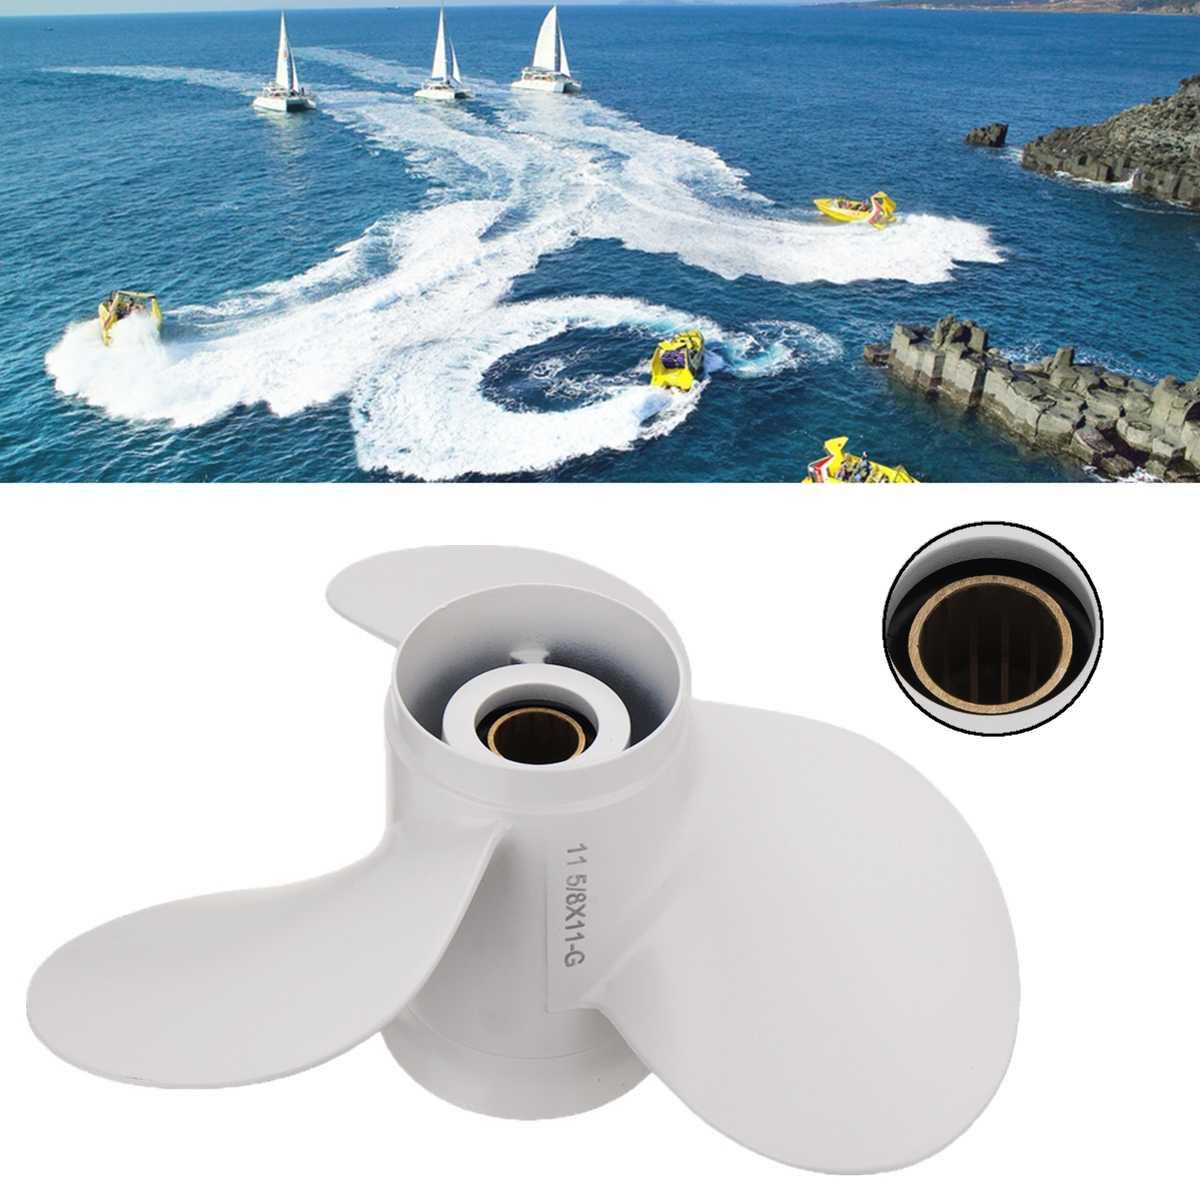 69W 45947 00 EL 663 45947 02 EL 11 5 8 x 11 Boat Outboard Propeller